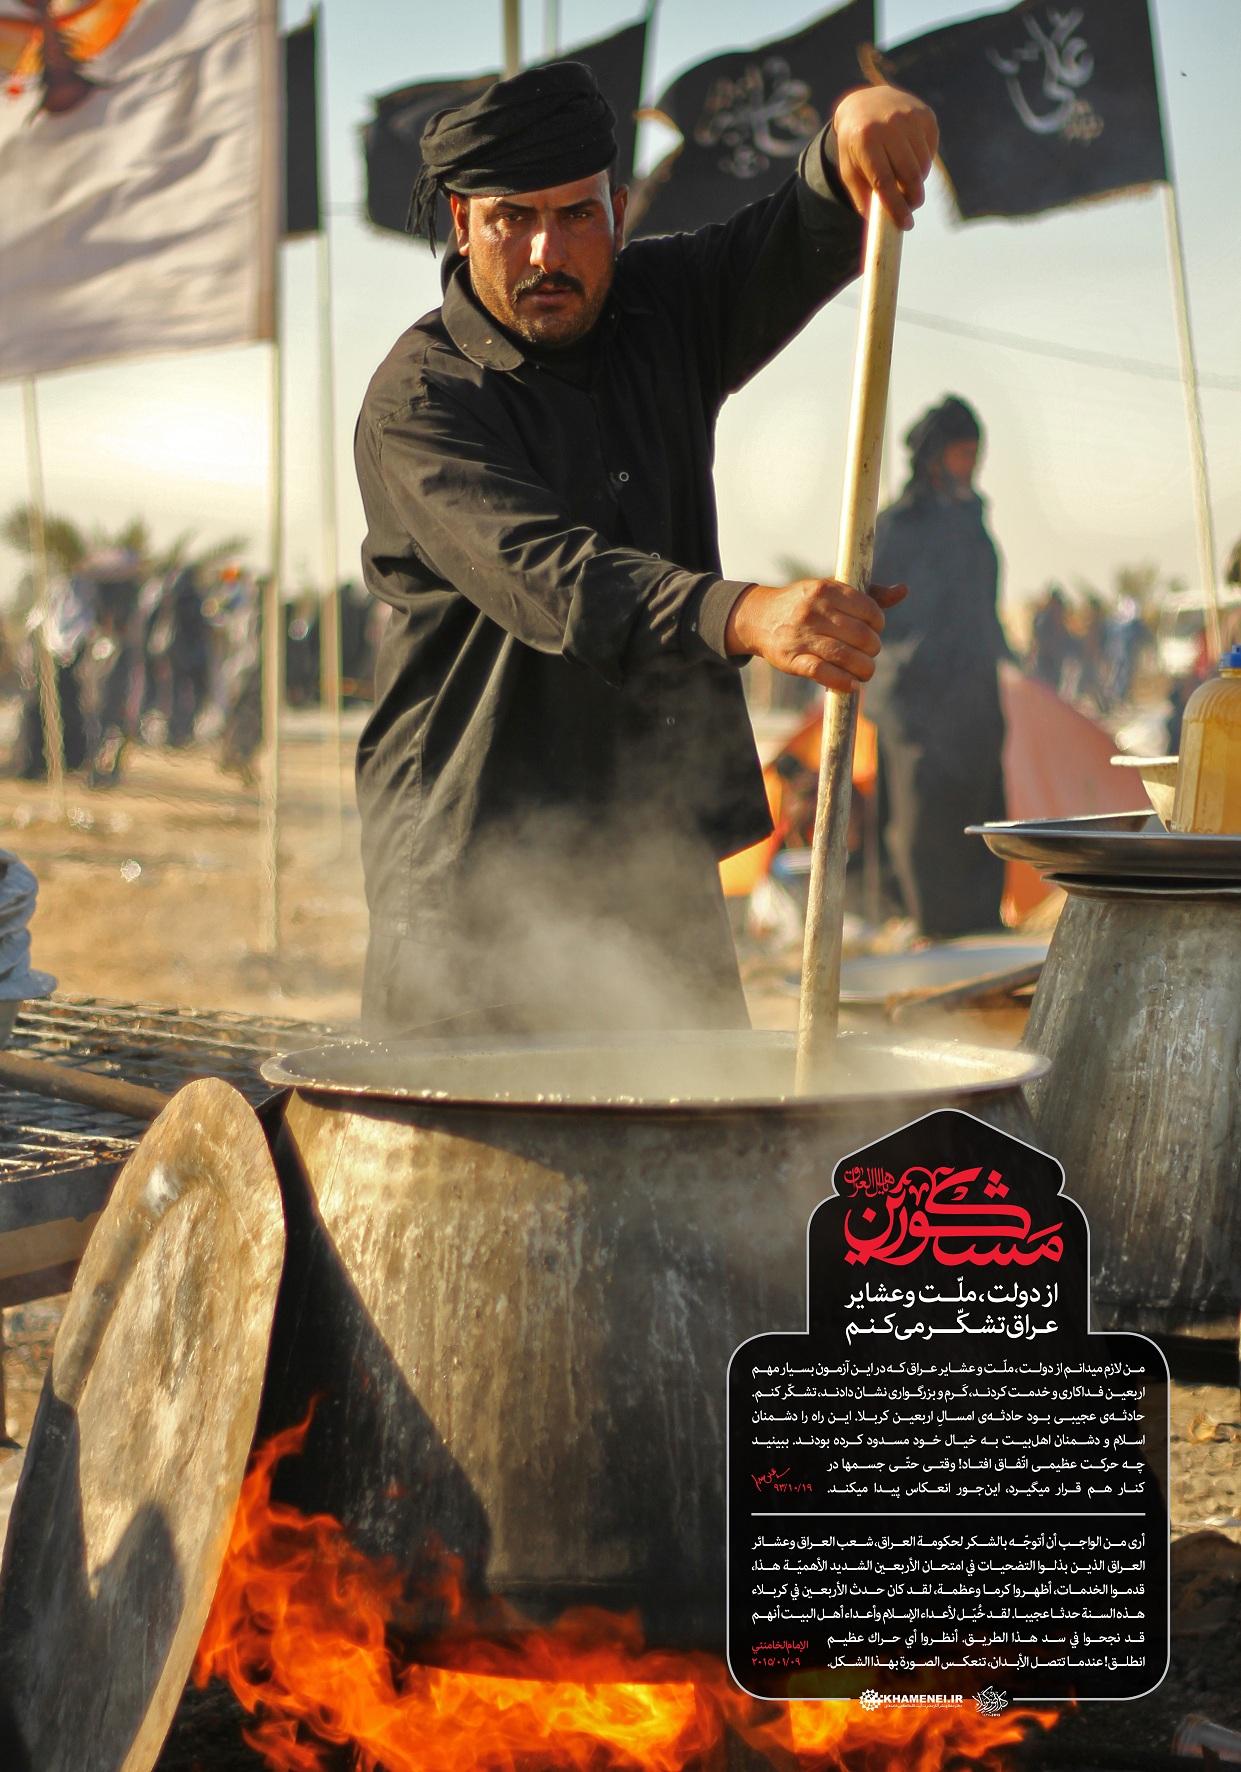 """مجموعه پوسترهای """"مشکورین"""" / مجموعه پوستر تشکر رهبر انقلاب از ملت و عشایر و دولت عراق"""